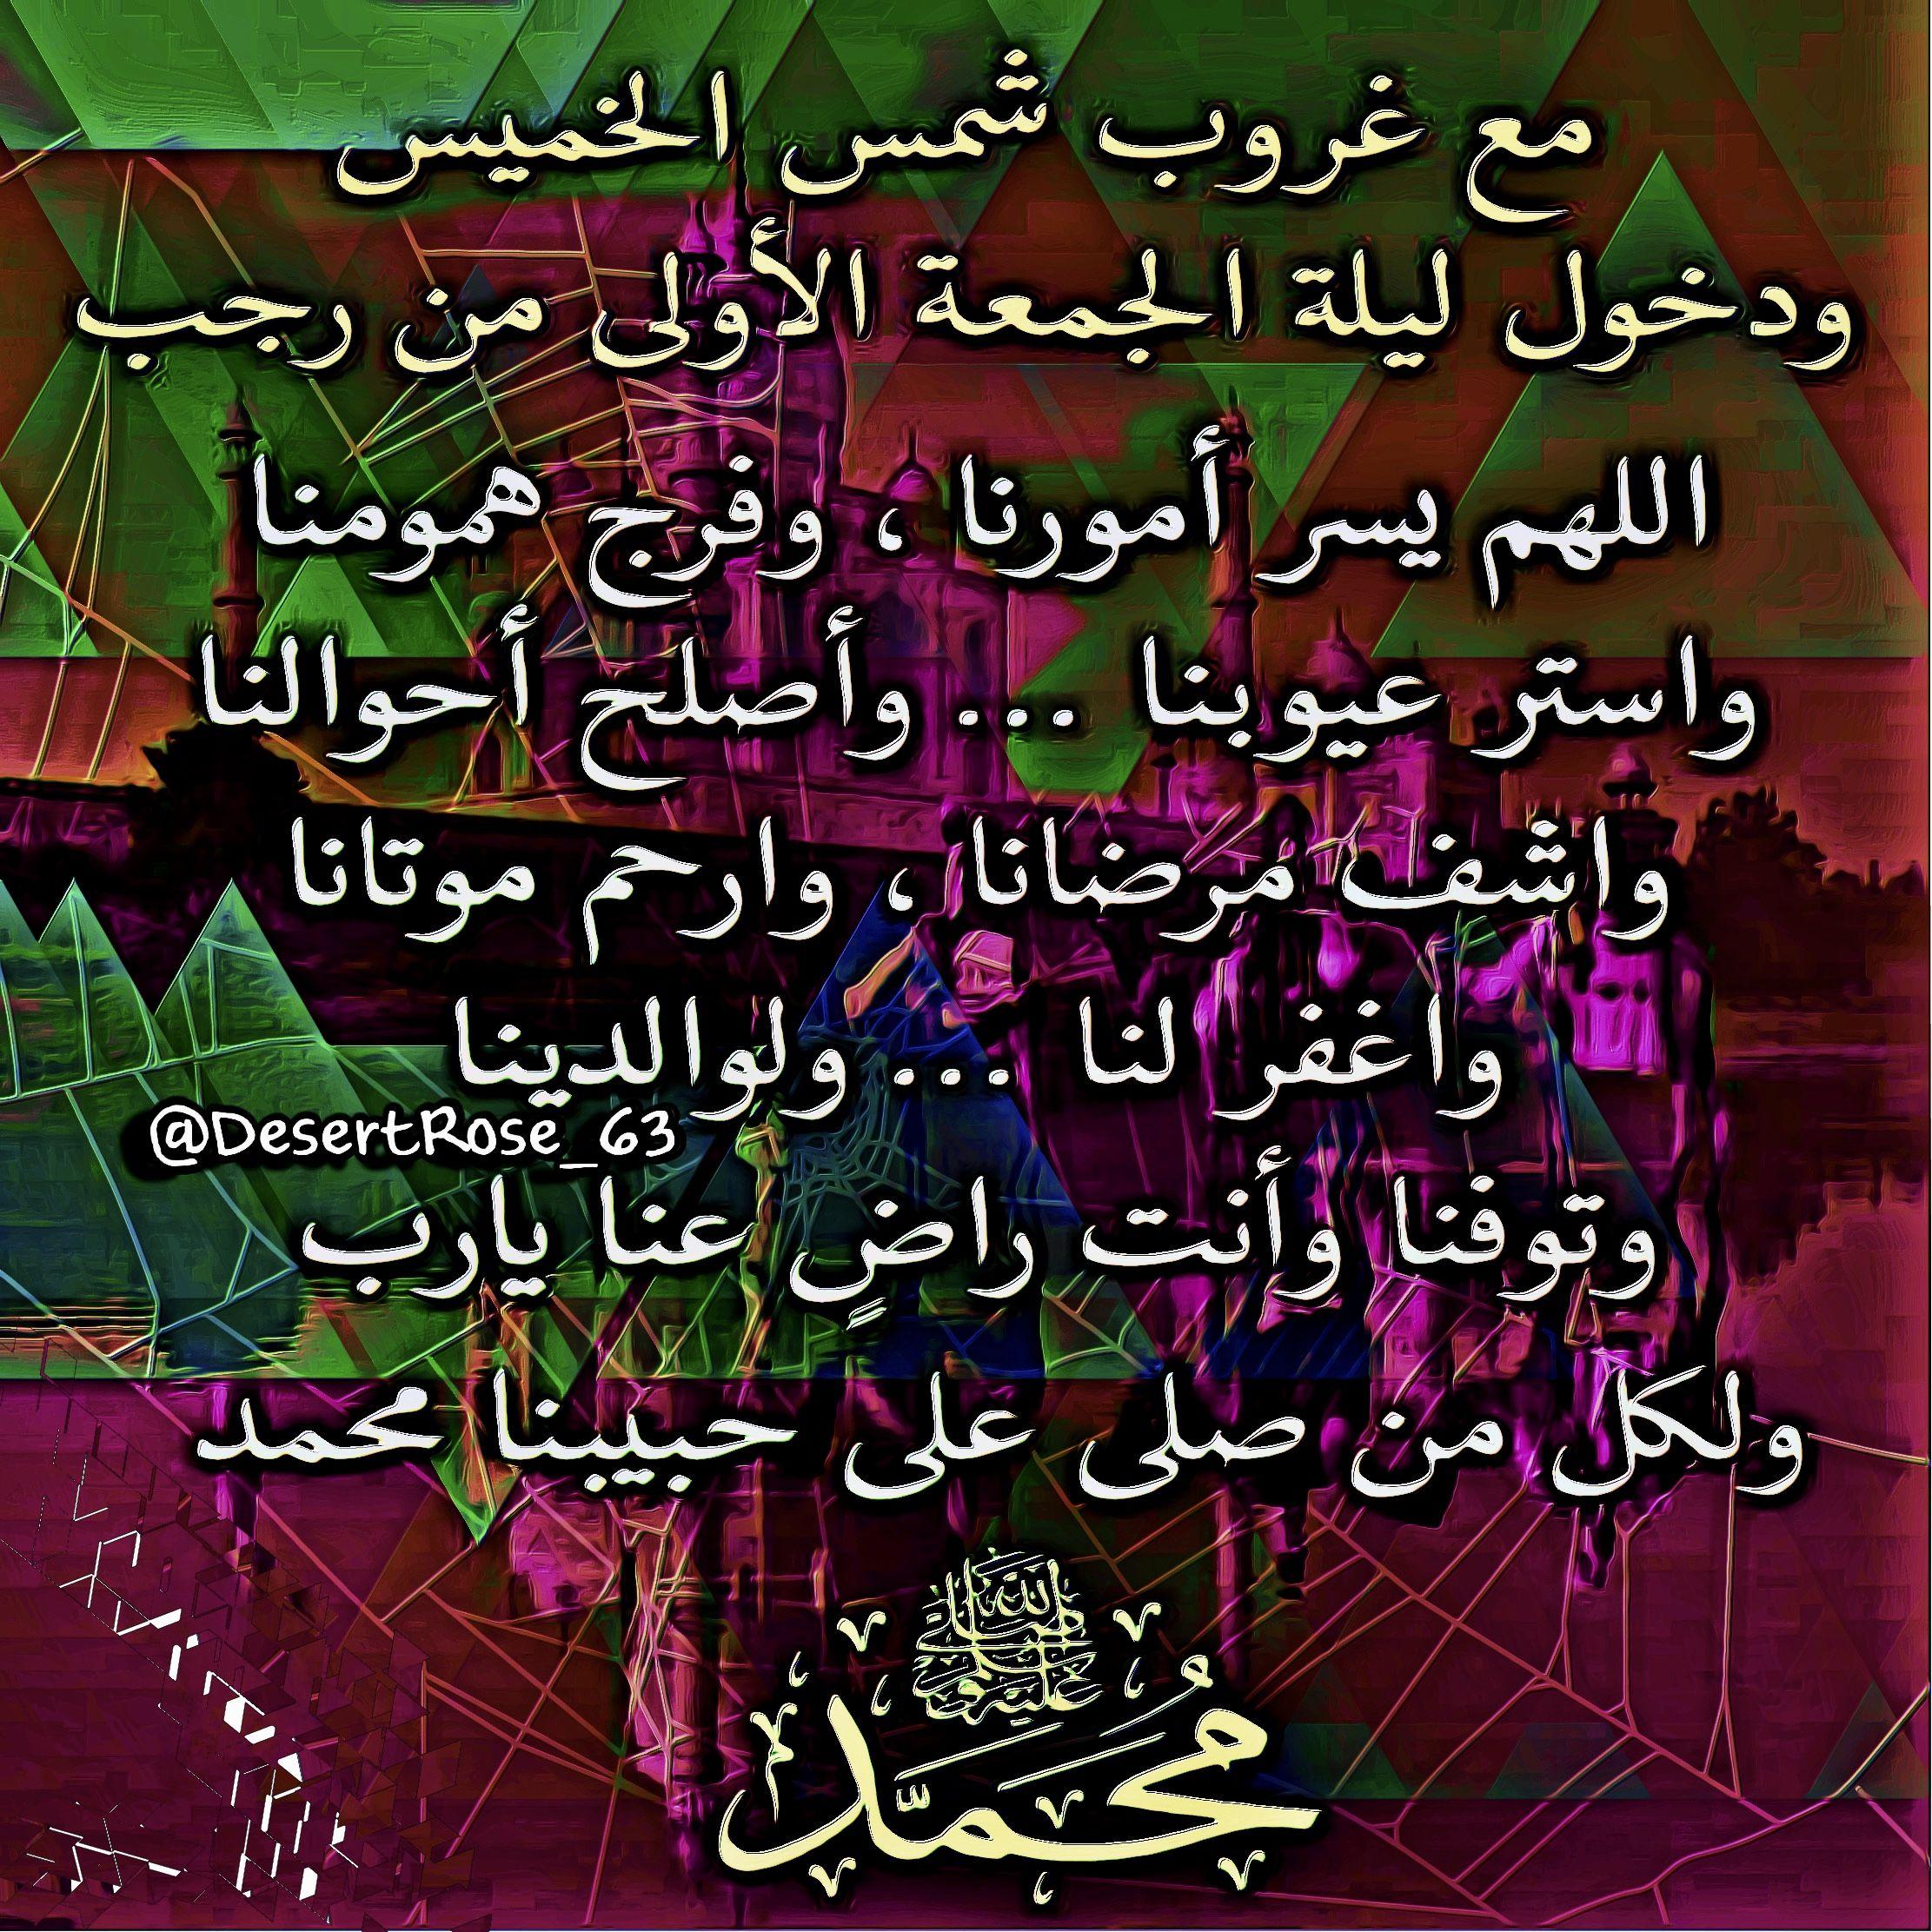 أسعد الله جمعتكم وجميع أيامكم وبارك لكم في شهر رجب وبلغكم رمضان وأنتم في صحة وأمان Ramadan Kareem Ramadan Kareem